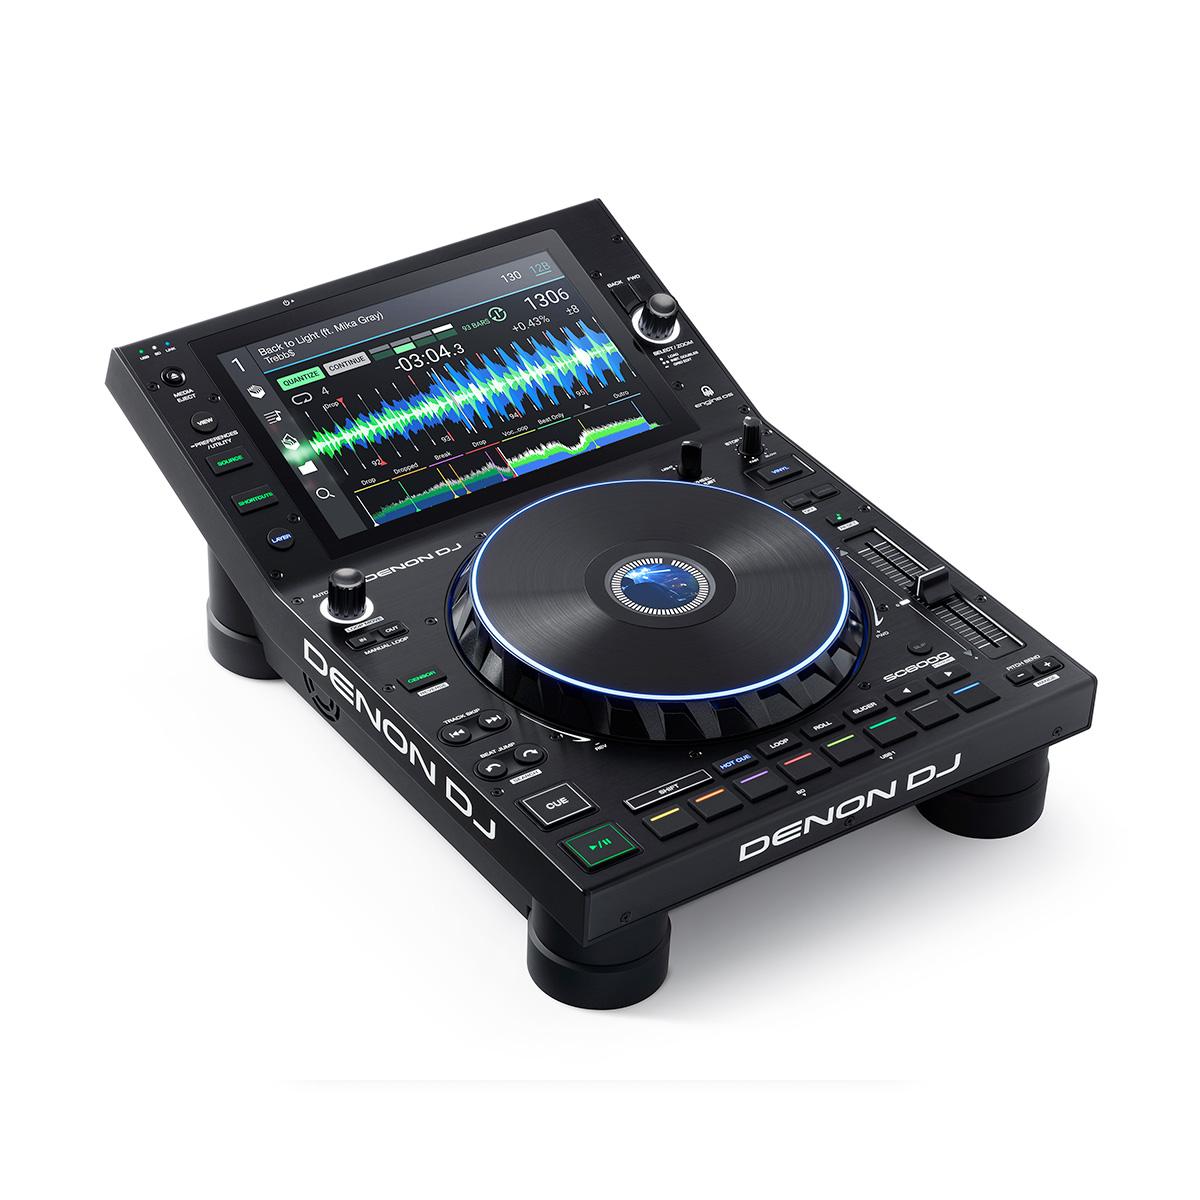 Controladora Denon DJ SC6000 PRIME